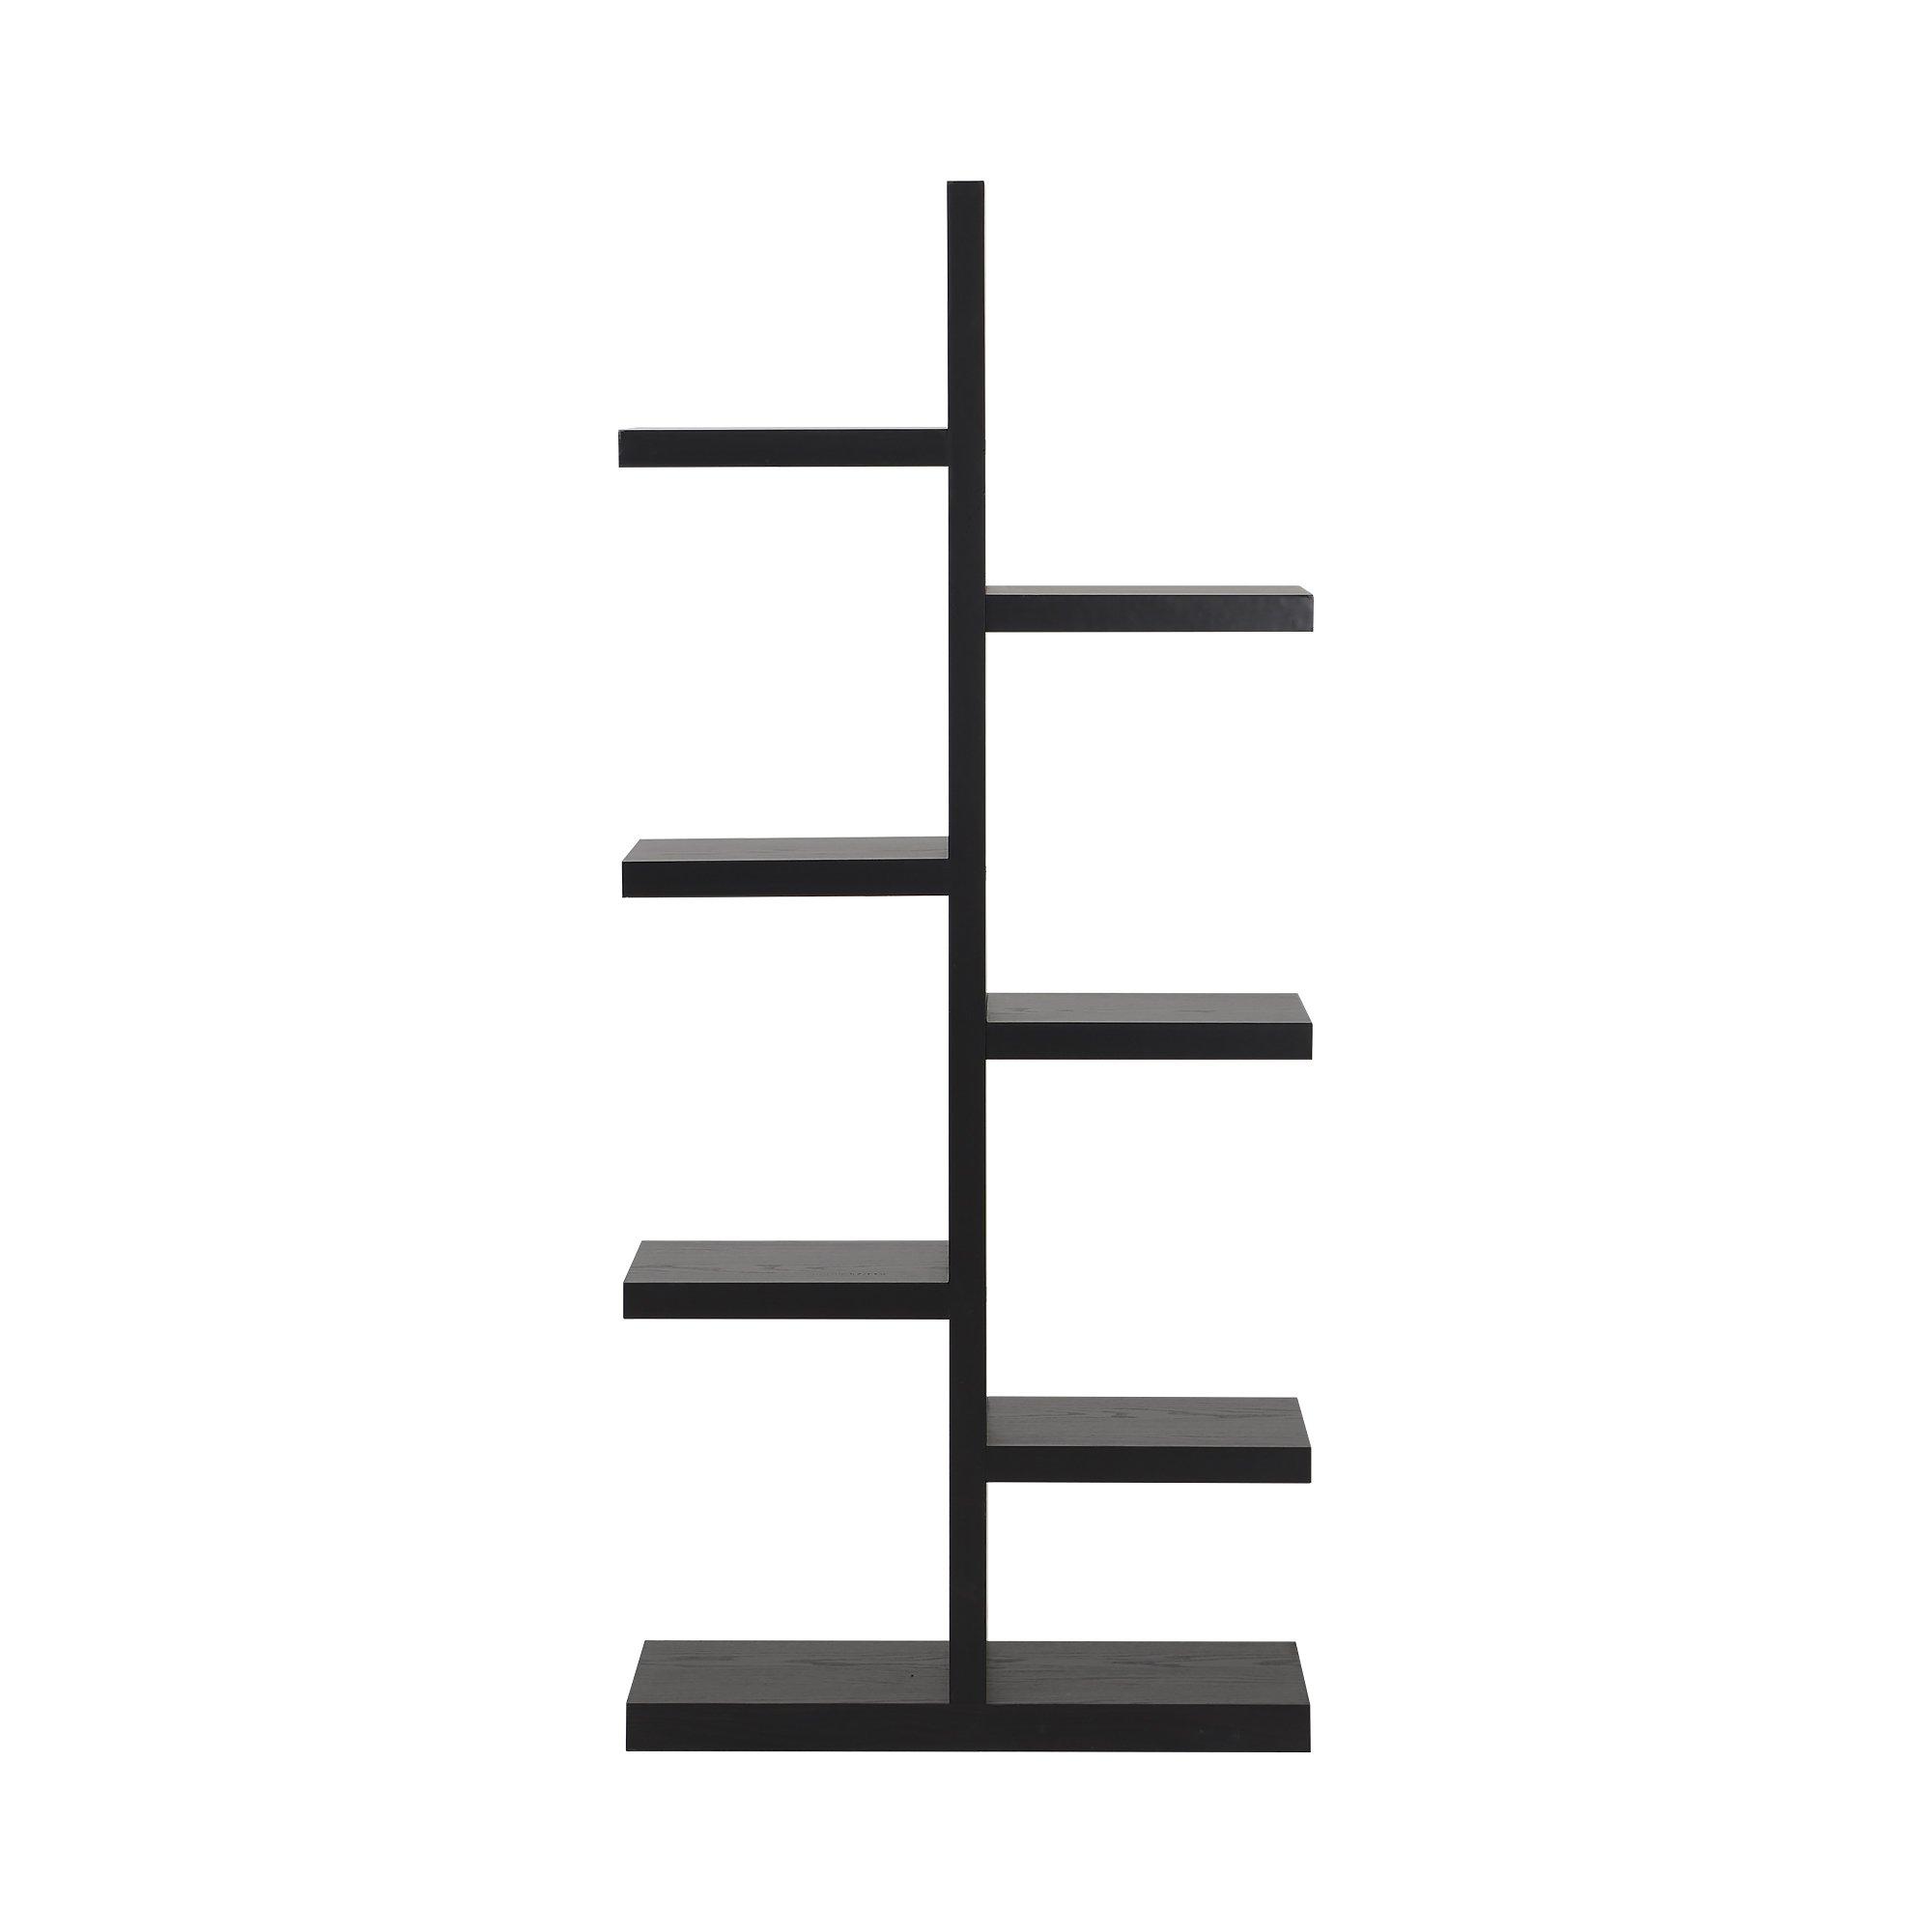 Homestar 7-Shelf Bookcase in Espresso